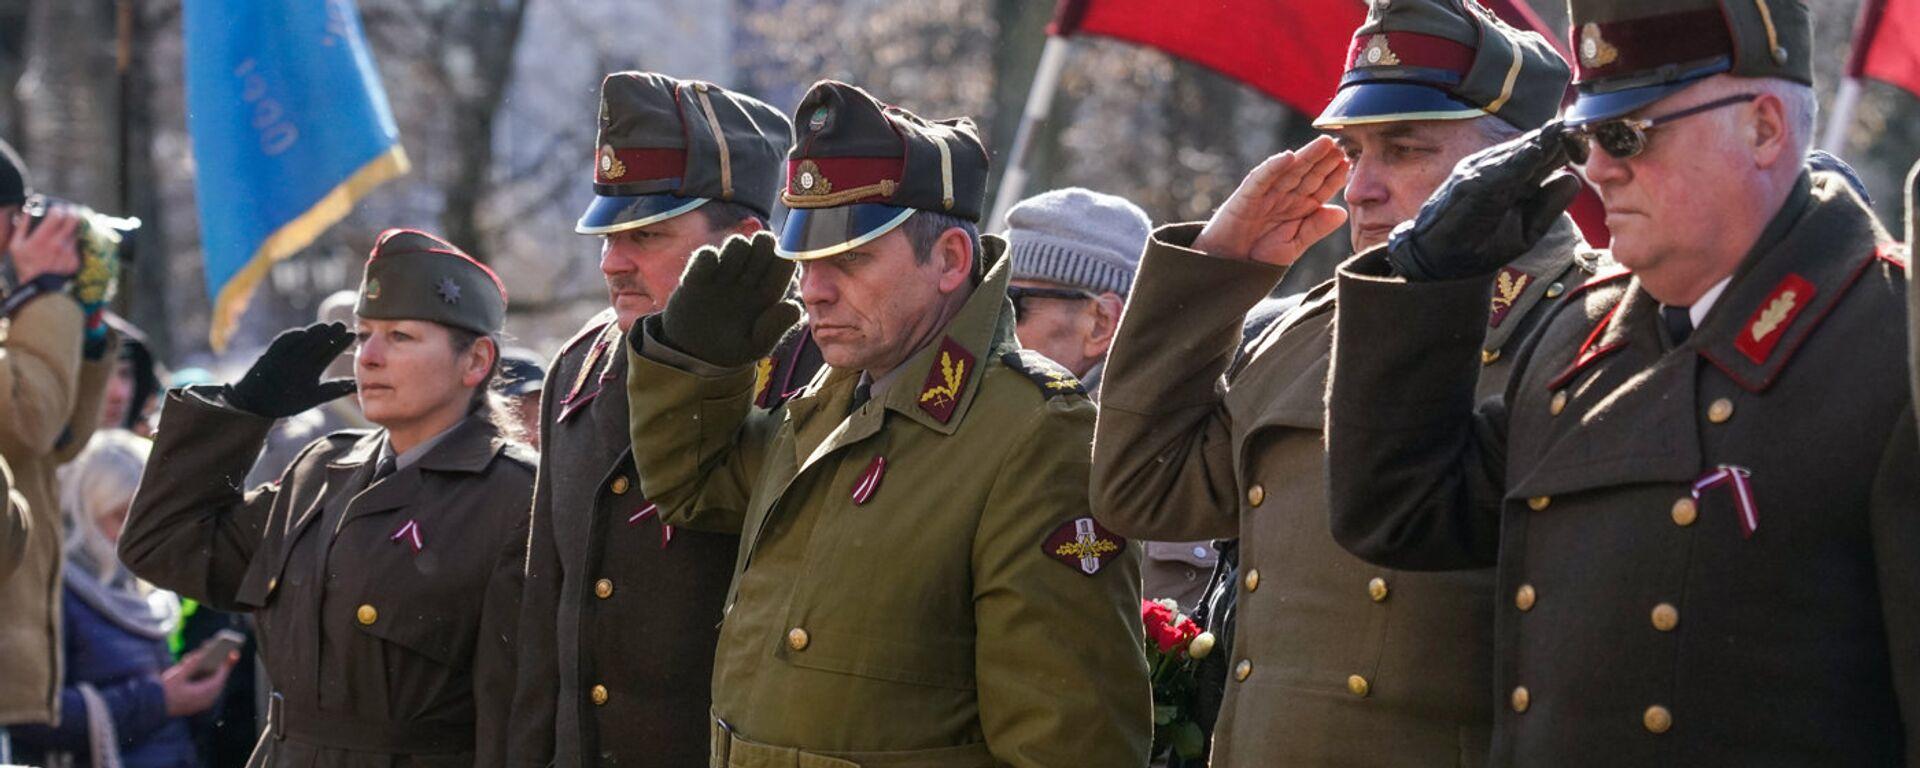 Марш легионеров СС в Риге - Sputnik Латвия, 1920, 18.03.2021